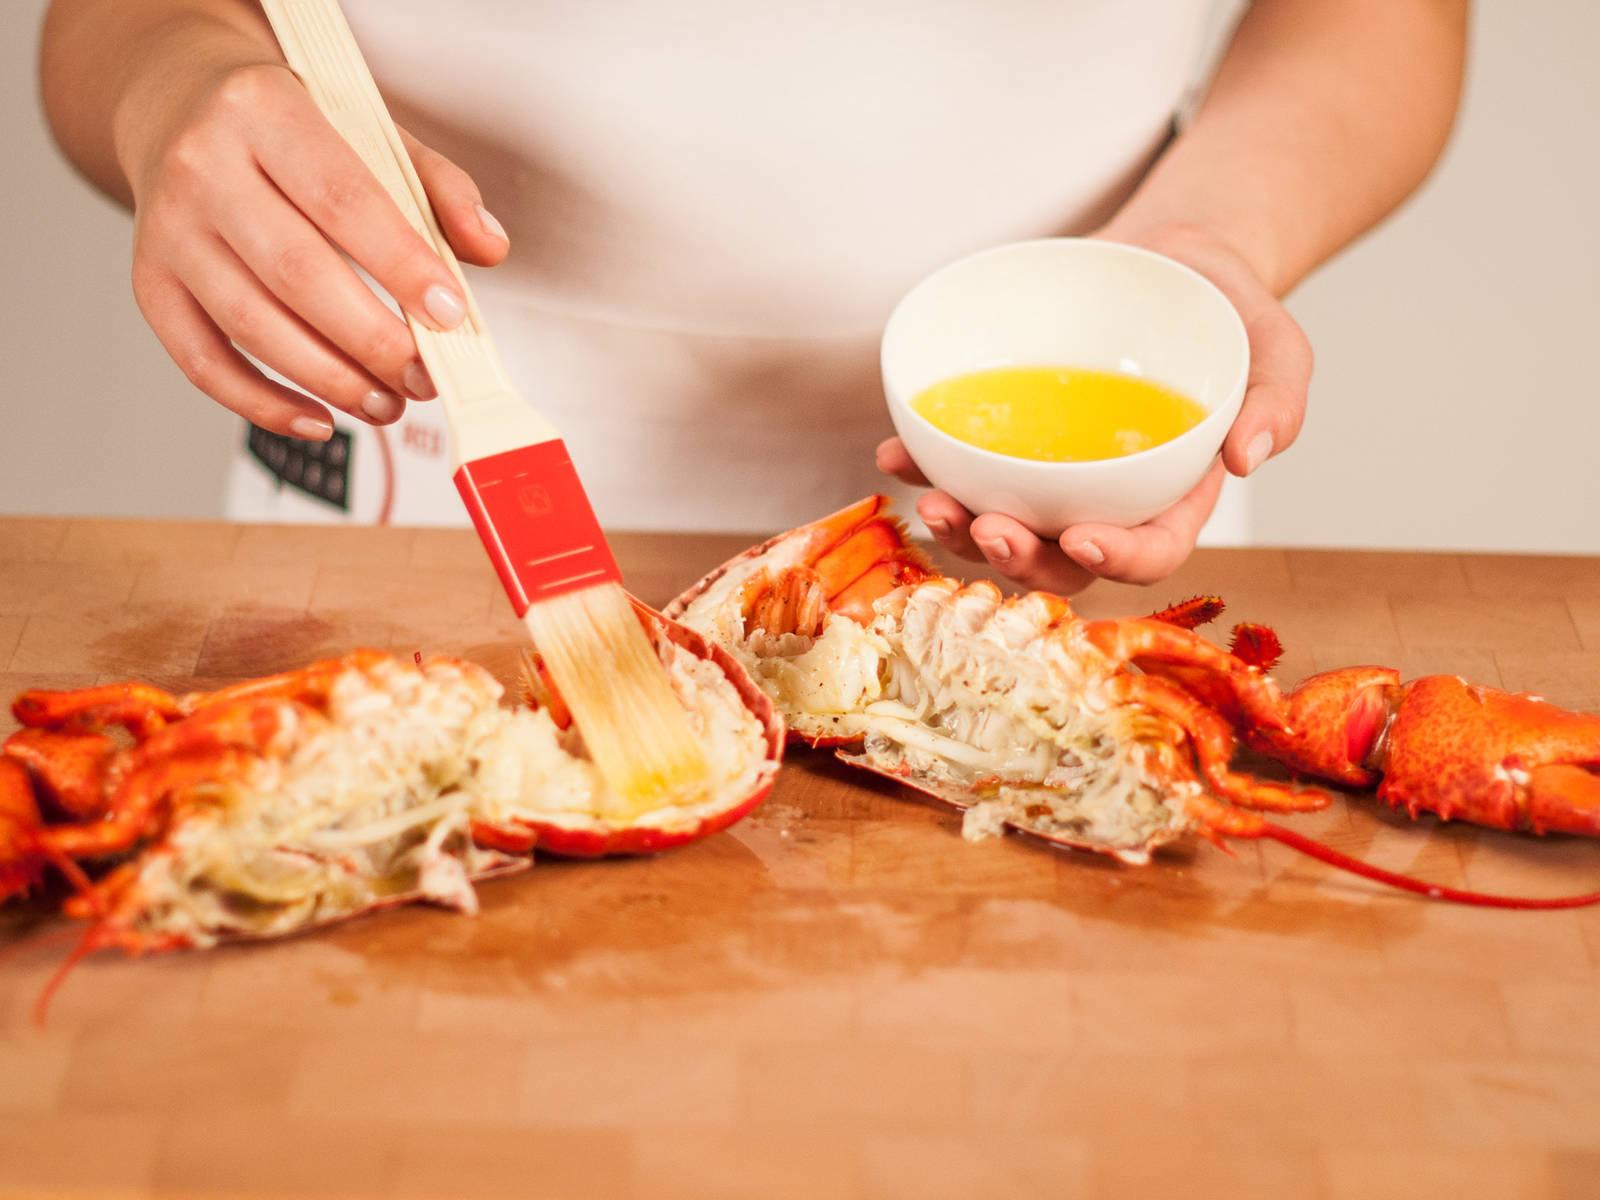 用融化黄油、柠檬汁、一点点盐和现磨胡椒粉拌成调料,按需加些蒜末,刷在露在外面的虾肉上。